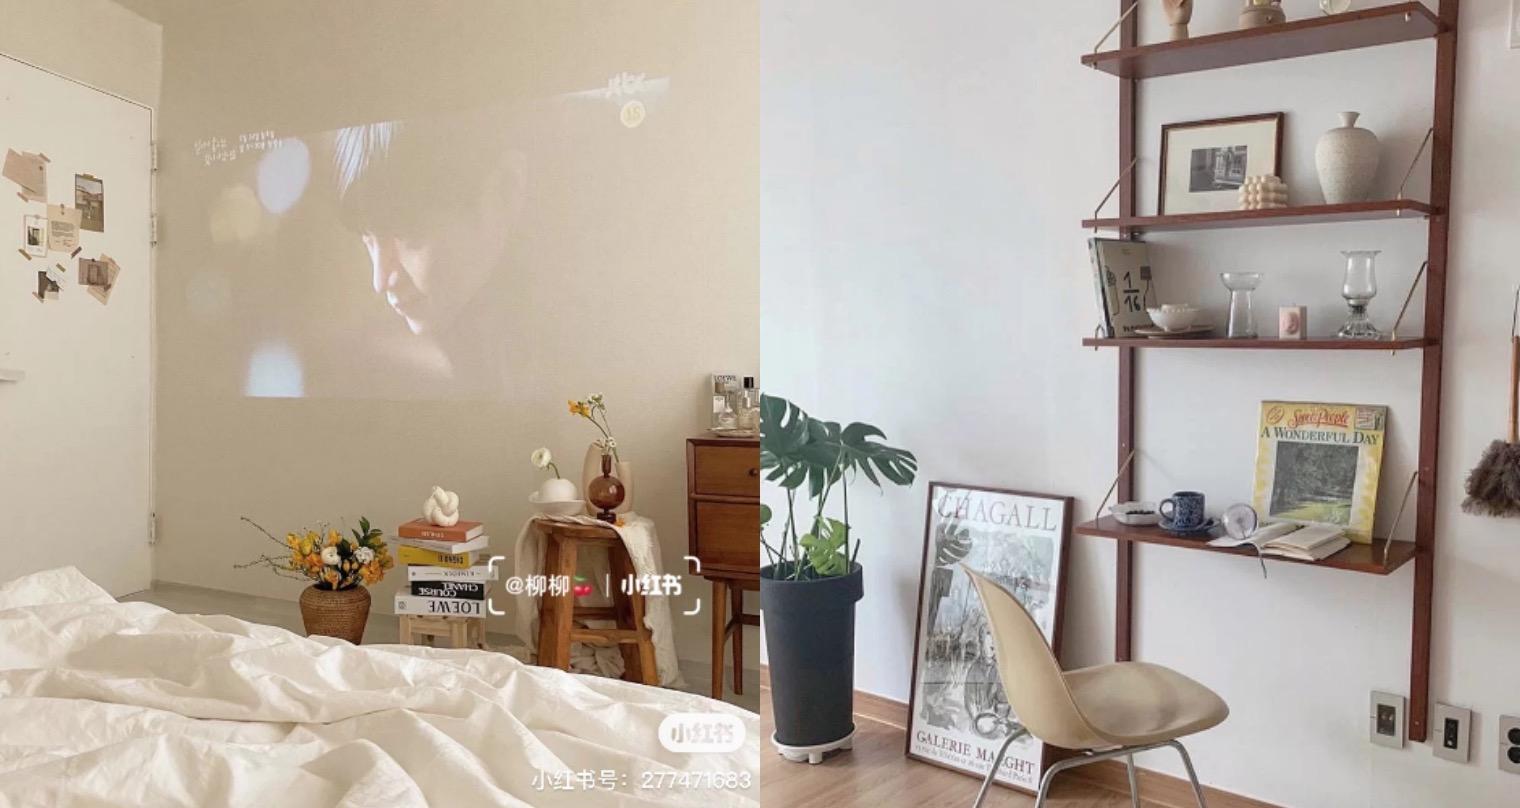 把不看的書本堆兩疊,中間蓋上一片玻璃就能當置物桌使用,而且玻璃的透視感會使空間不被壓迫,接著還可以在房間牆壁做投影,躺在家裡看電視就是那麼舒服呀!